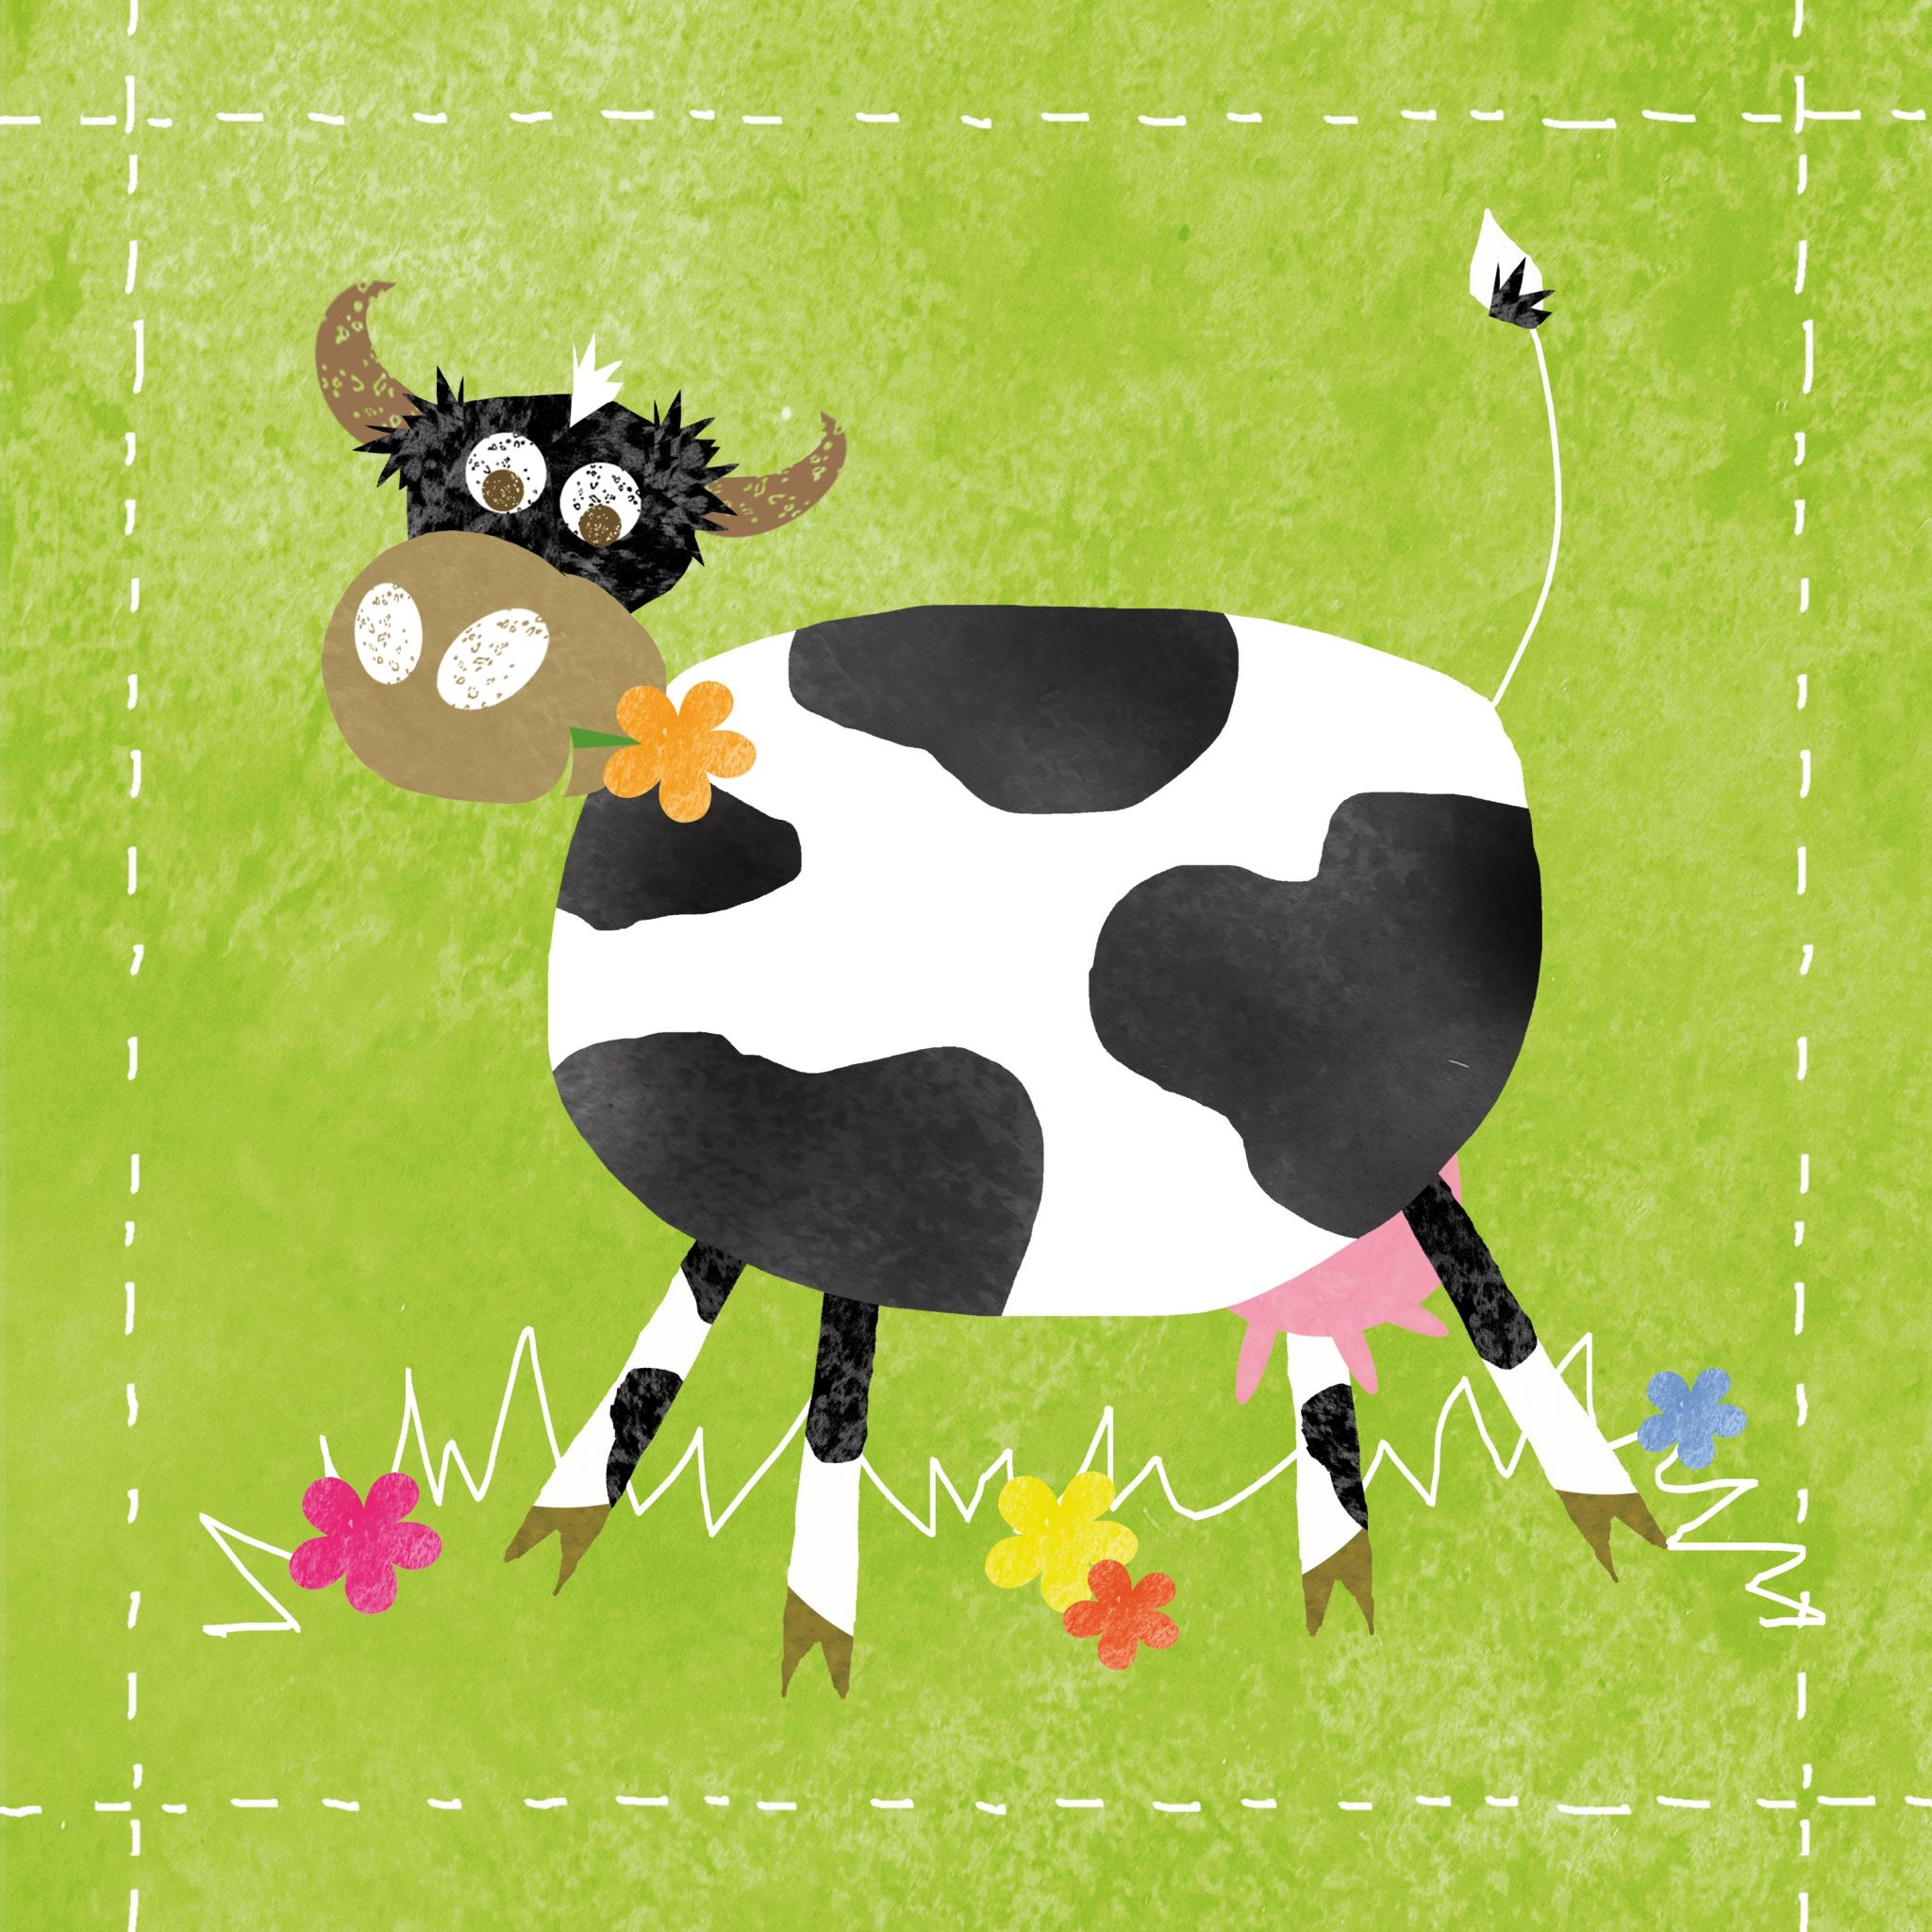 Servietten 33 x 33 cm,  Blumen -  Sonstige,  Tiere - Kühe,  Everyday,  lunchservietten,  Kühe,  Blumen